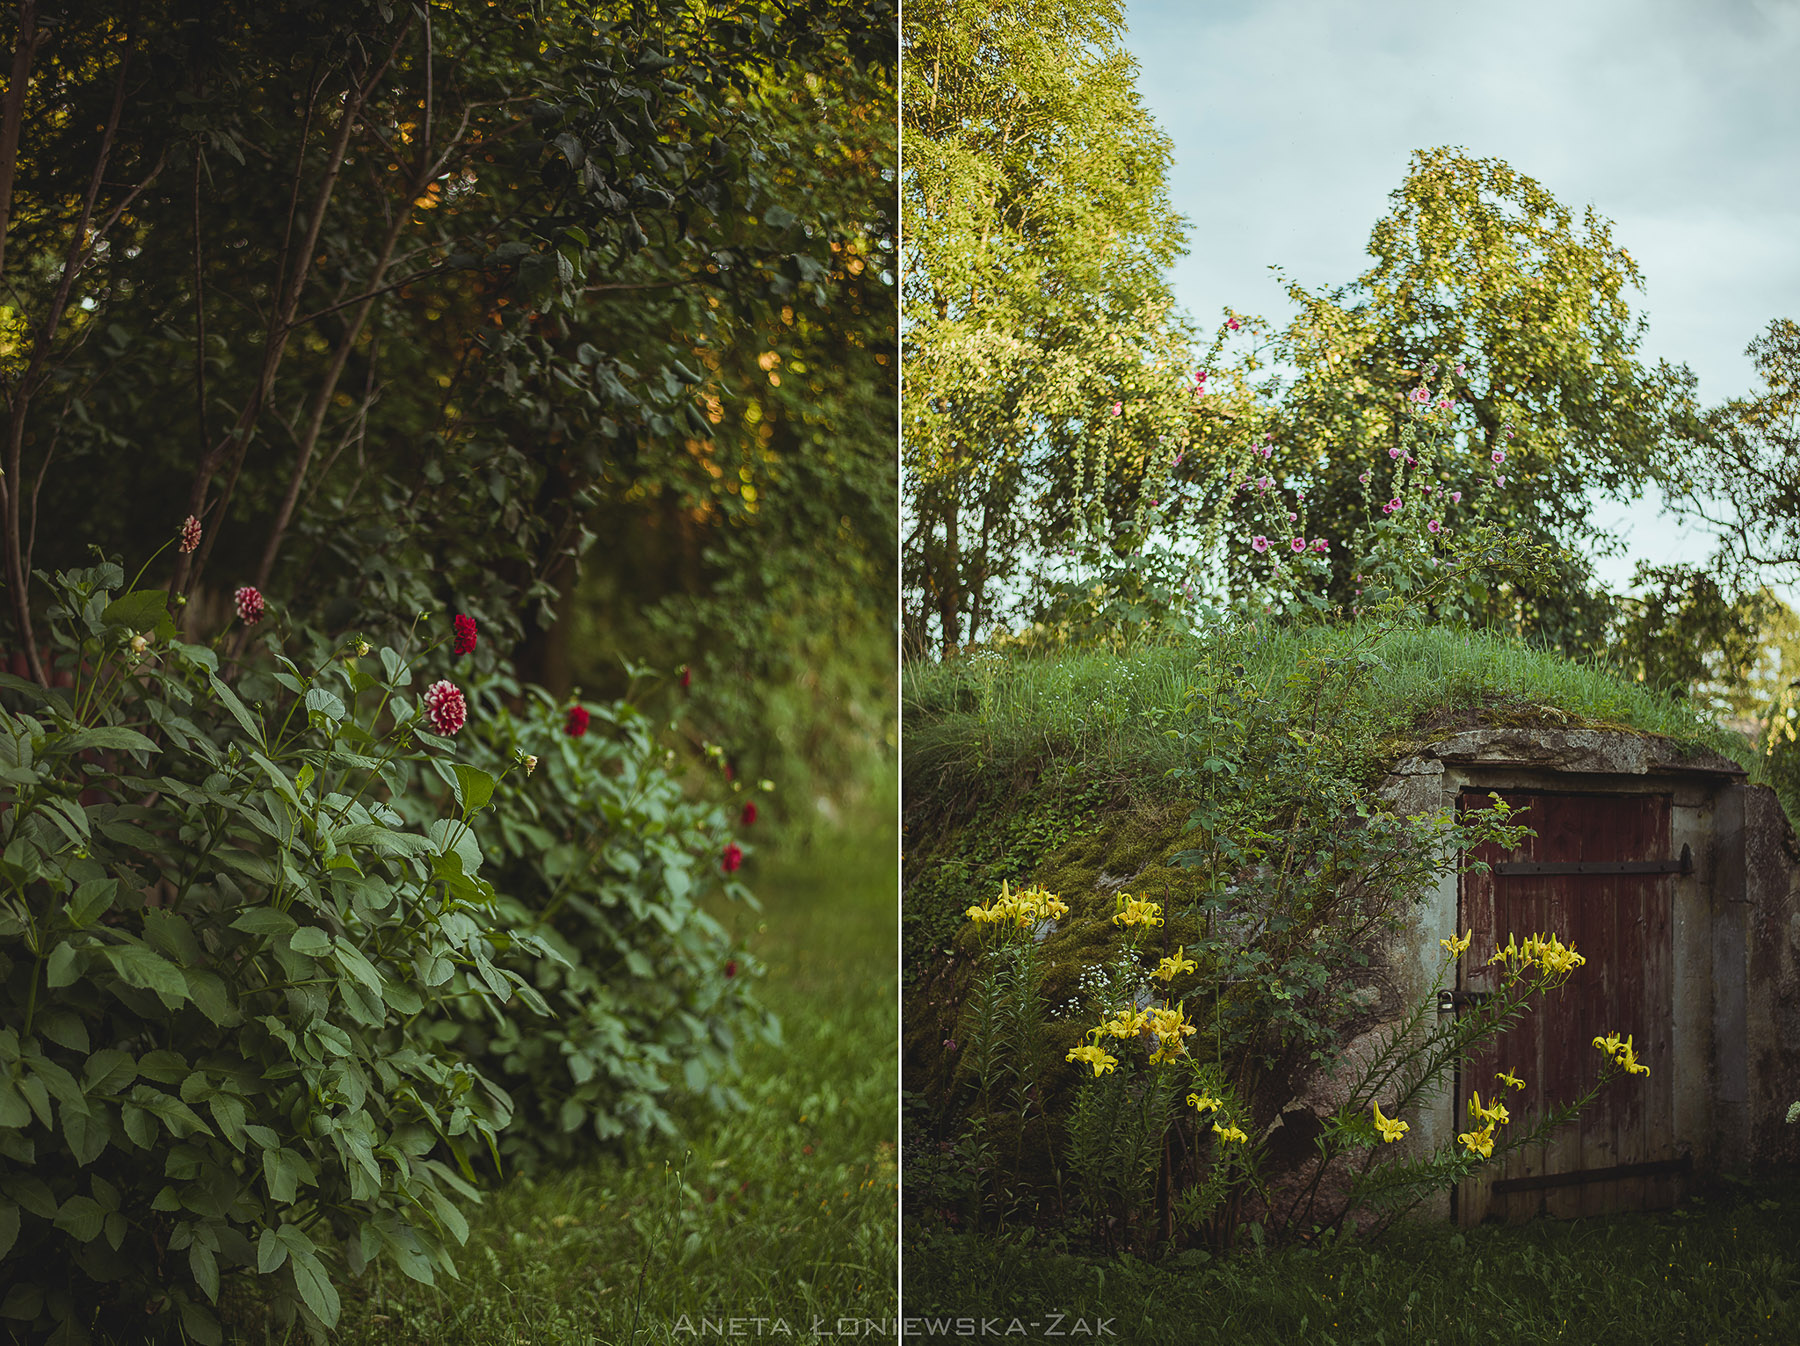 fotografia przyrodnicza, puszcza knyszyńska, podlasie, drewniany dom ganek malwy zamczysk dalie piwniaca ziemianka